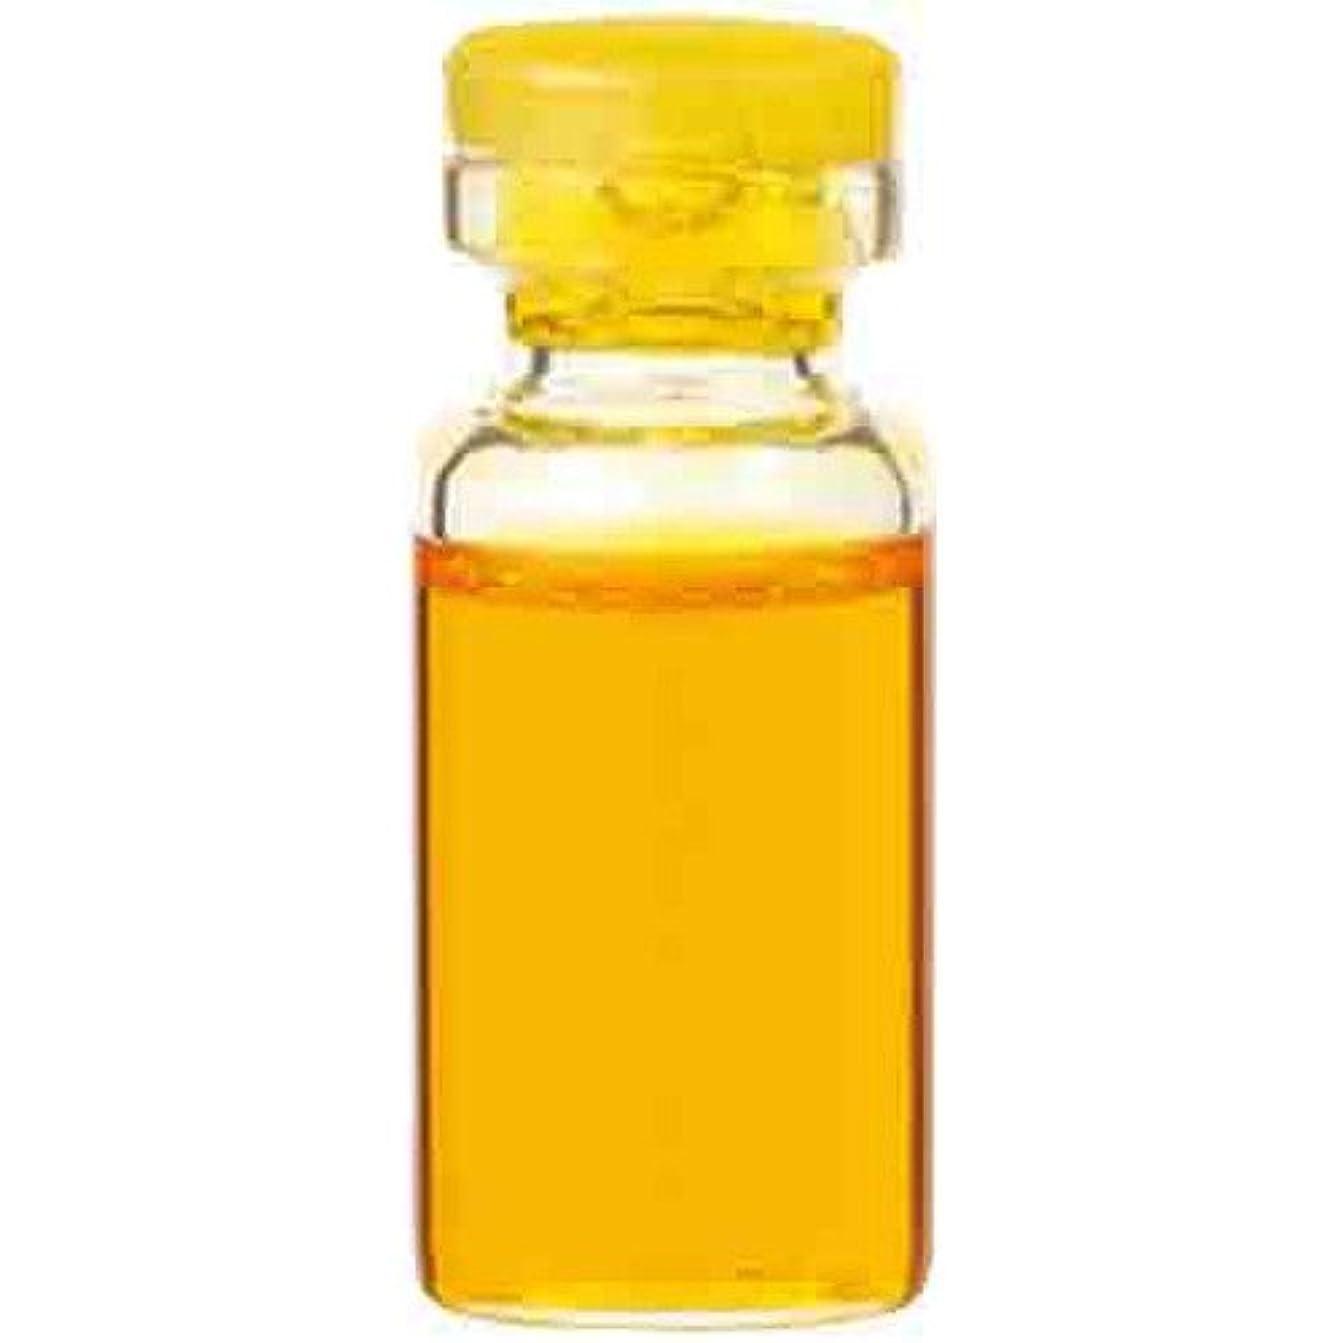 不完全な司法ソーセージ生活の木 Herbal Life Organic オレンジスイート 10ml